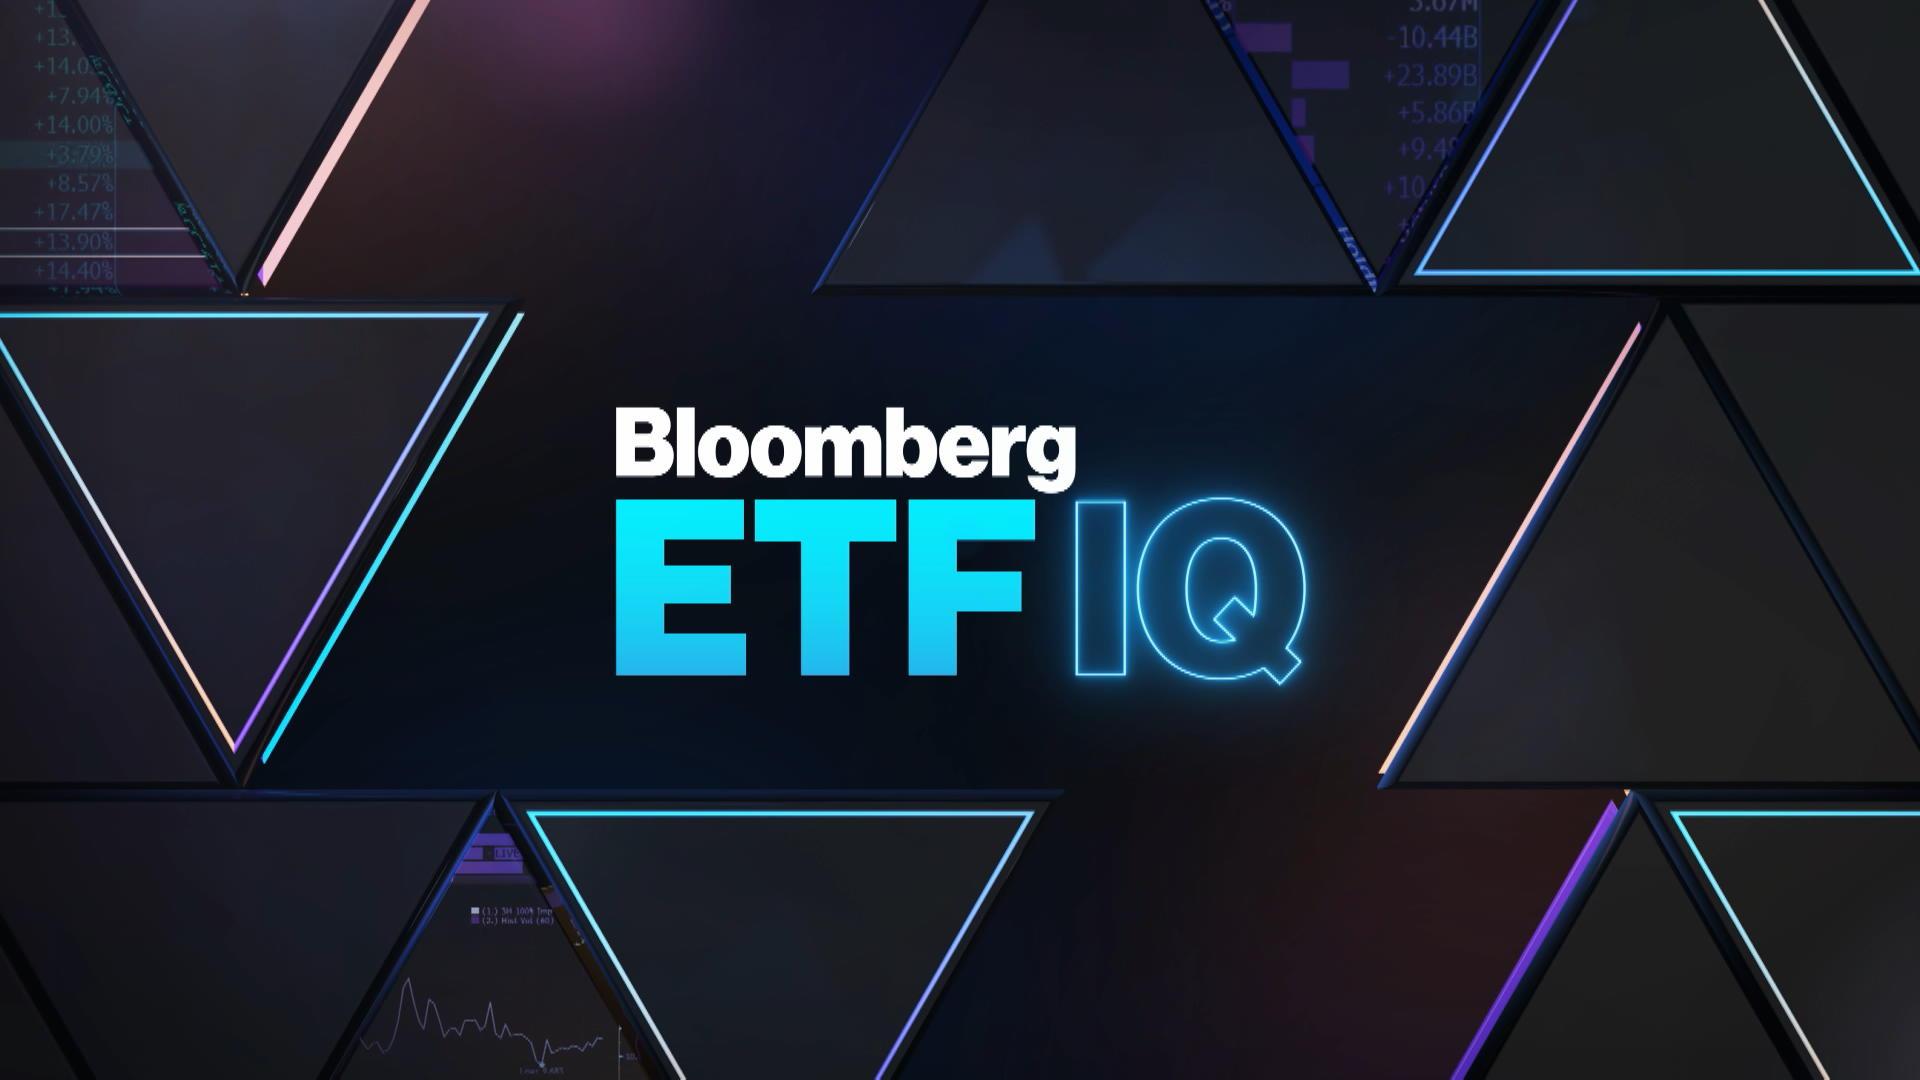 'Bloomberg ETF IQ' Full Show (07/17/2019)